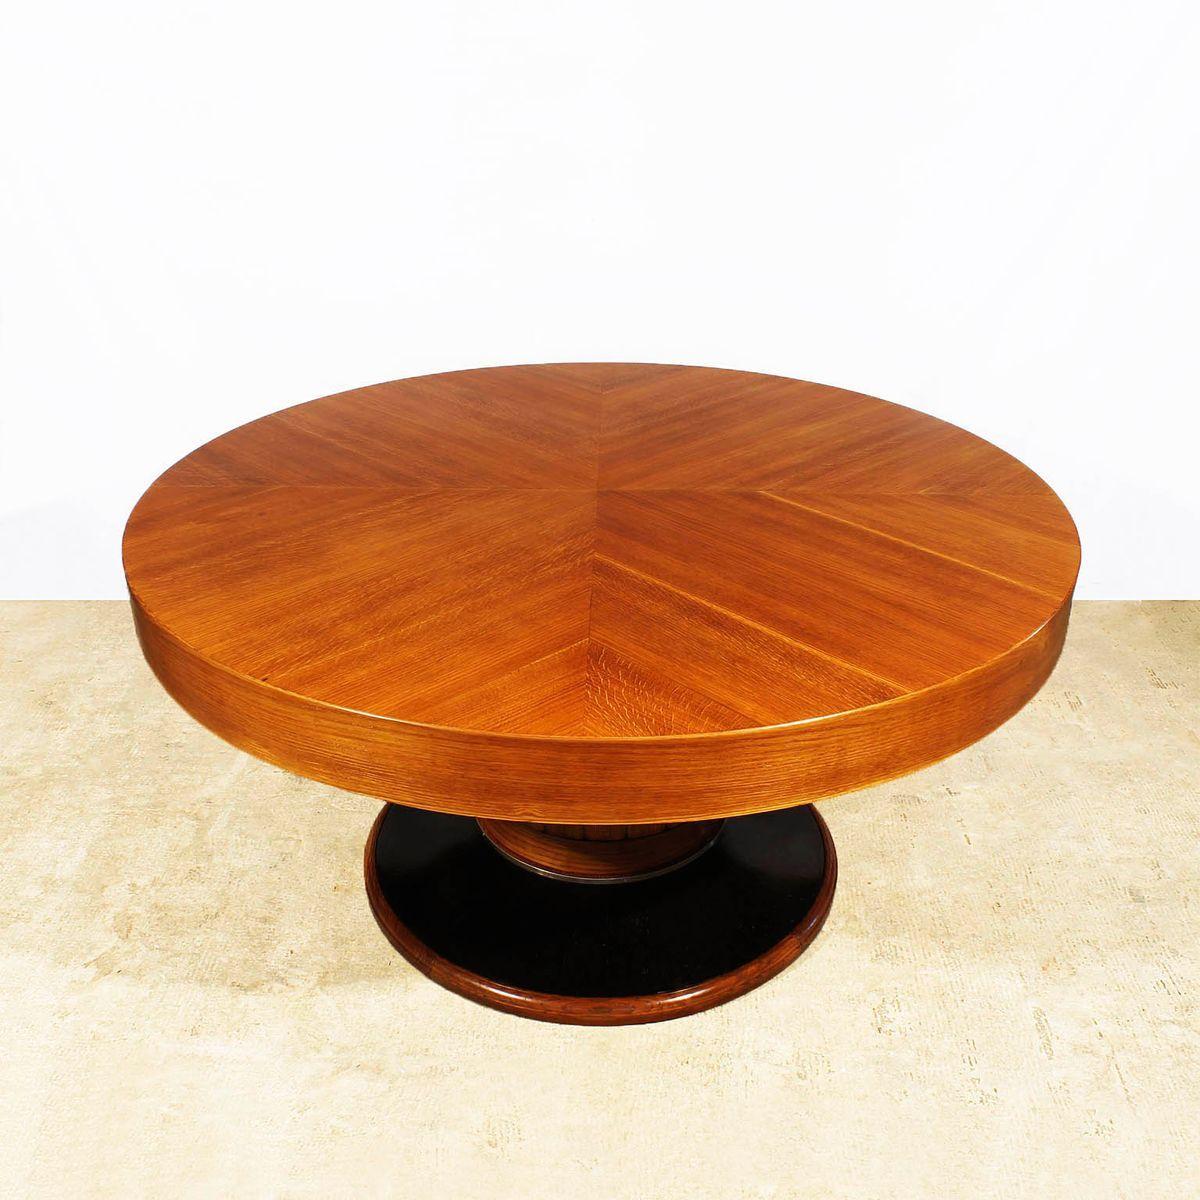 Esstisch Rund Ausziehbar Holz Esszimmertisch Modern Design